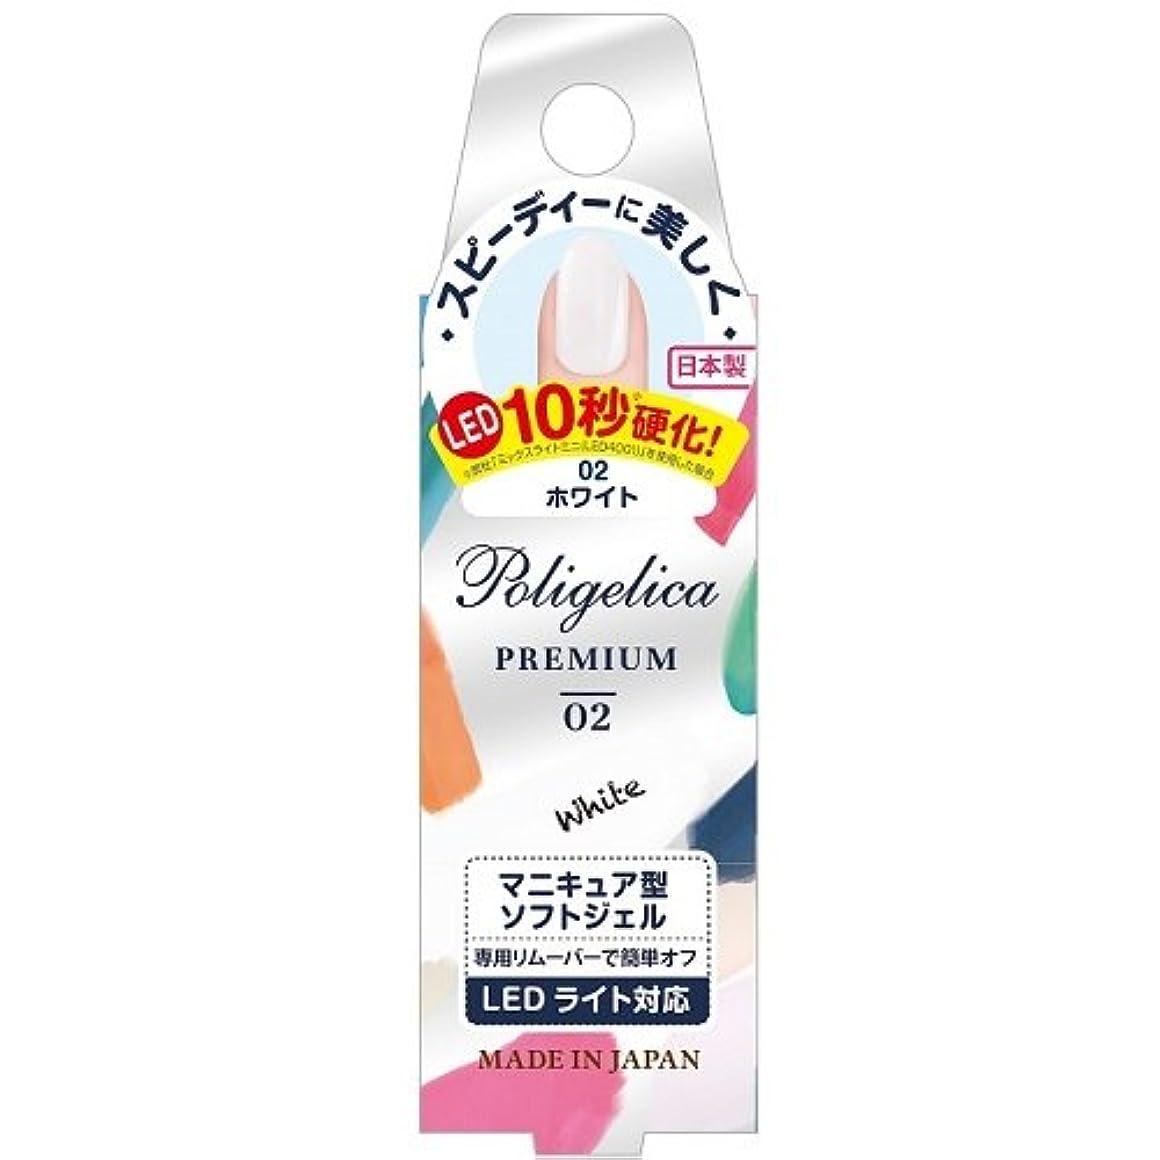 ファイアル盲信退屈BW ポリジェリカプレミアム カラージェル 1002/ホワイト (6g)